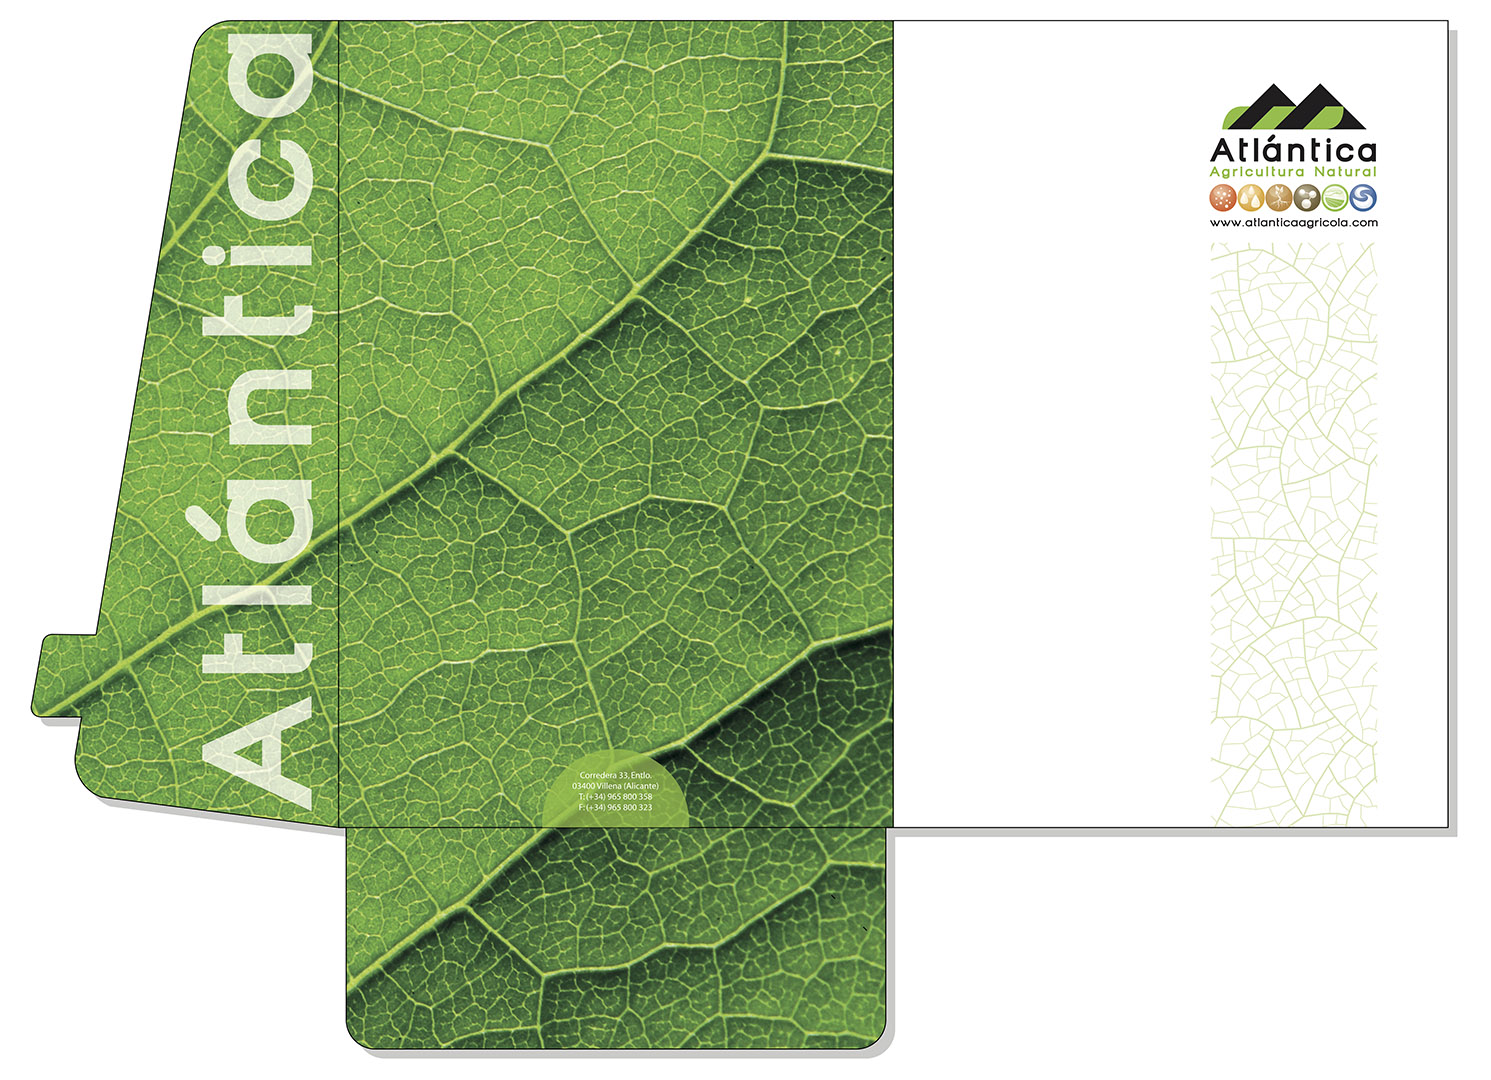 01_PLAYstudio_Atlantica-Agricola